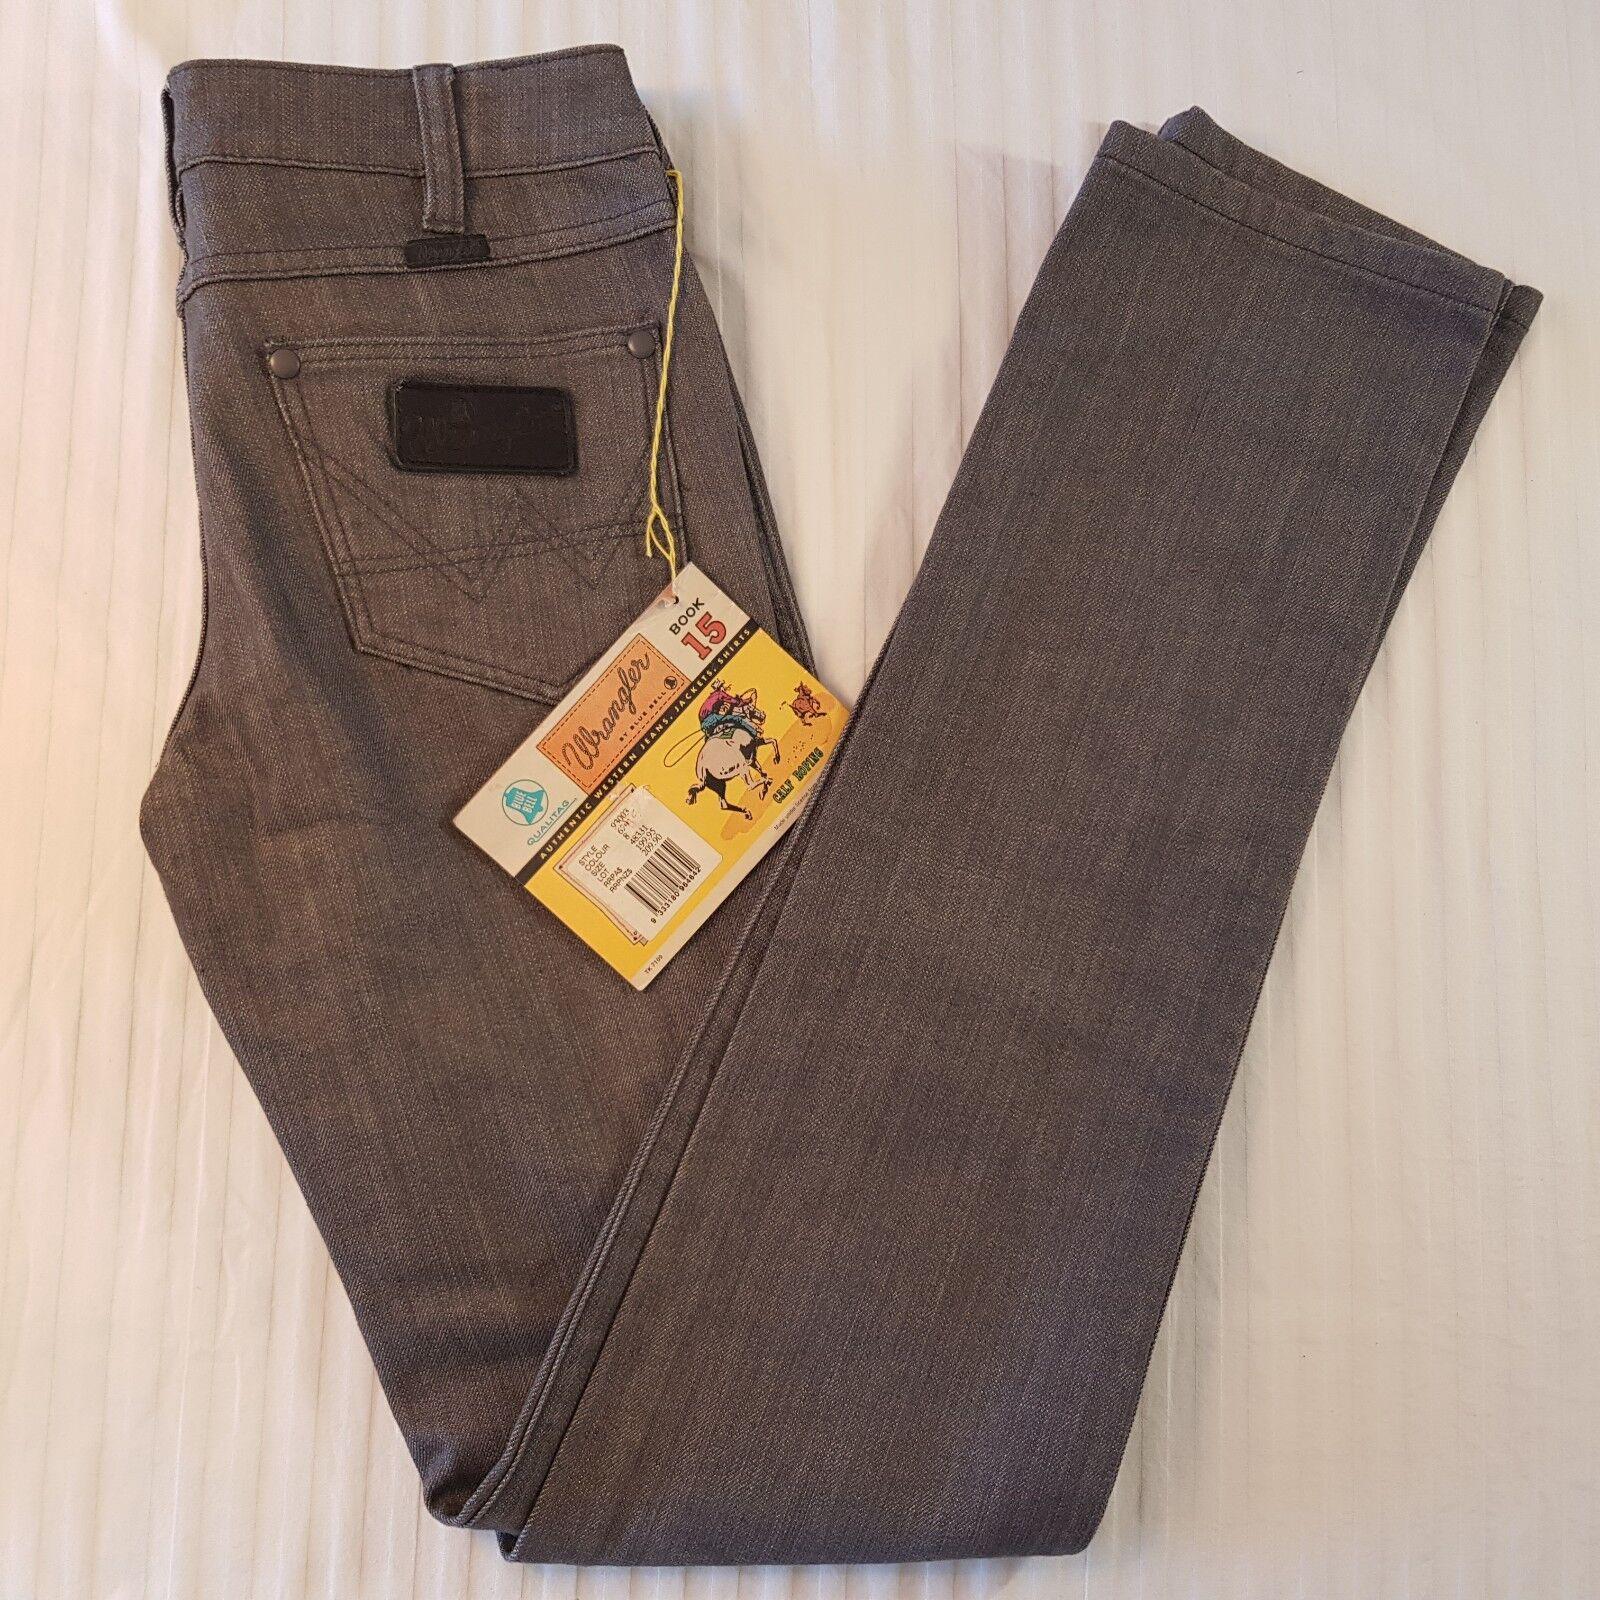 NEW Women's Wrangler Hipster Slim Size 8 bluee Bell Sanforized Book 15 - MB11